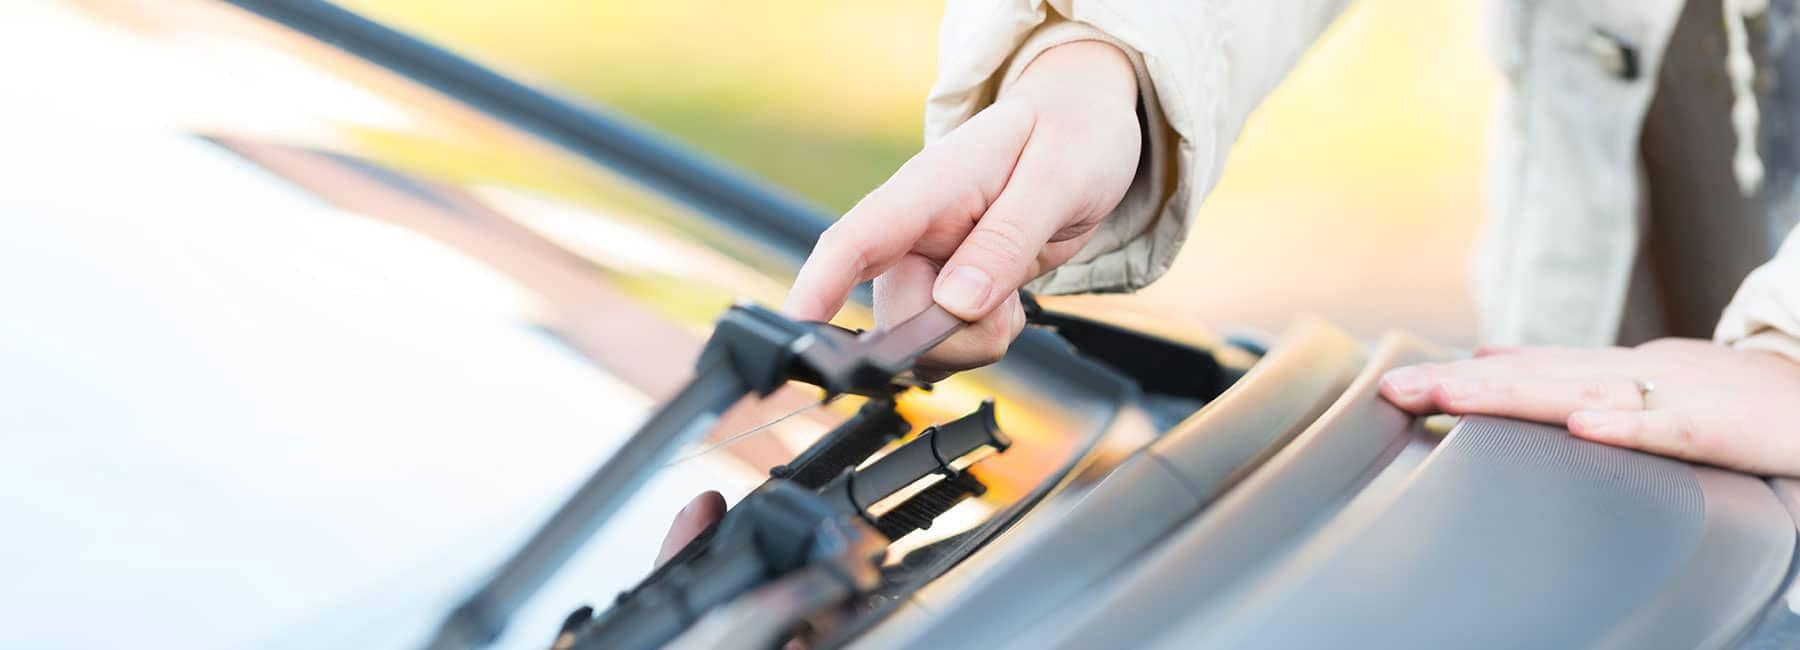 windshield wiper blades-optim